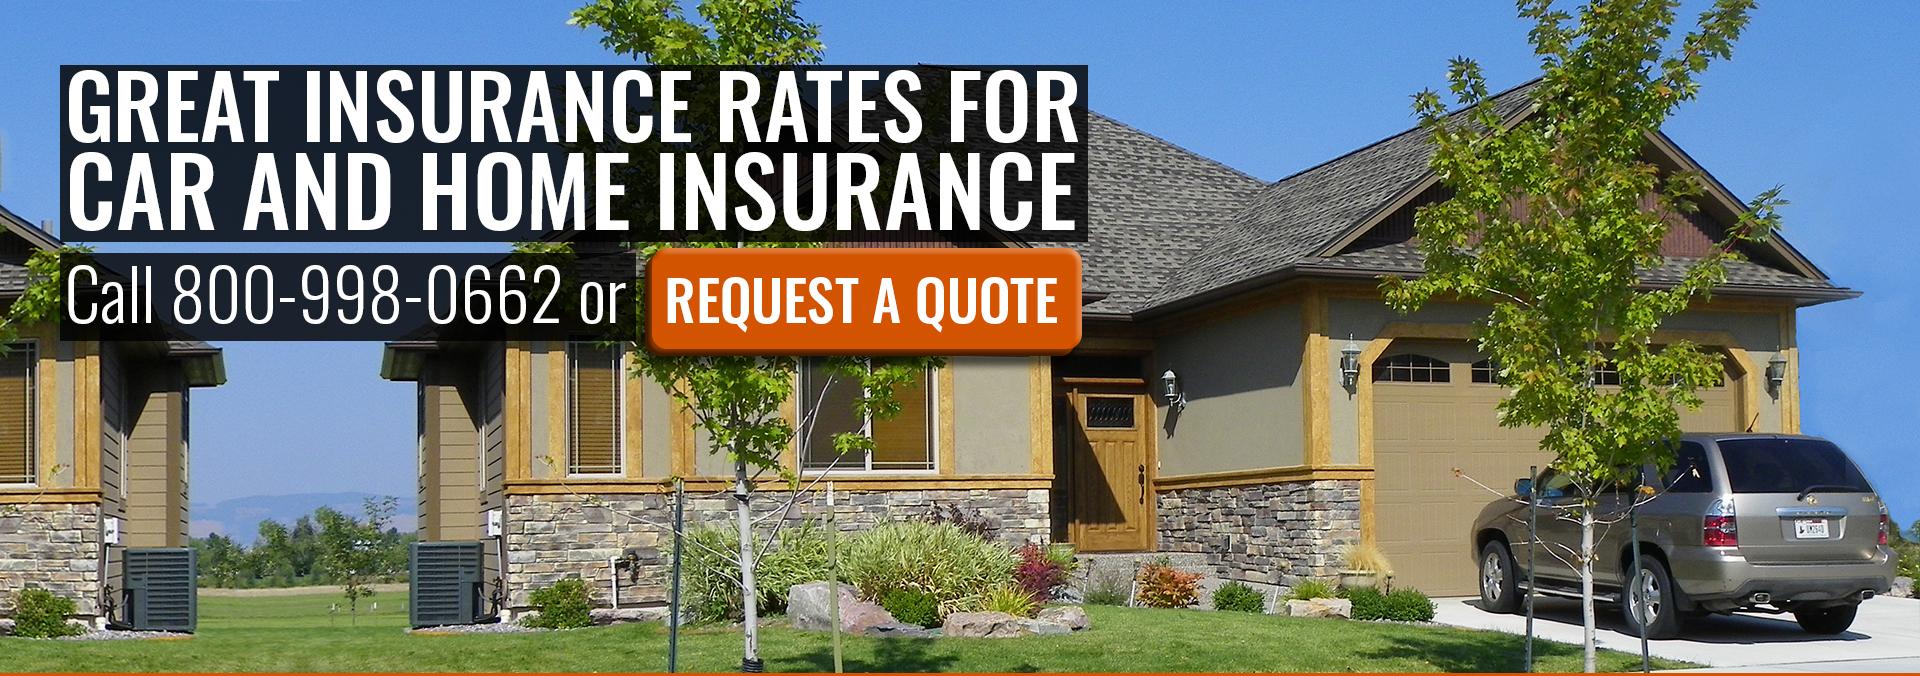 Automobile Insurance Cincinnati Homeowners Insurance Cincinnati